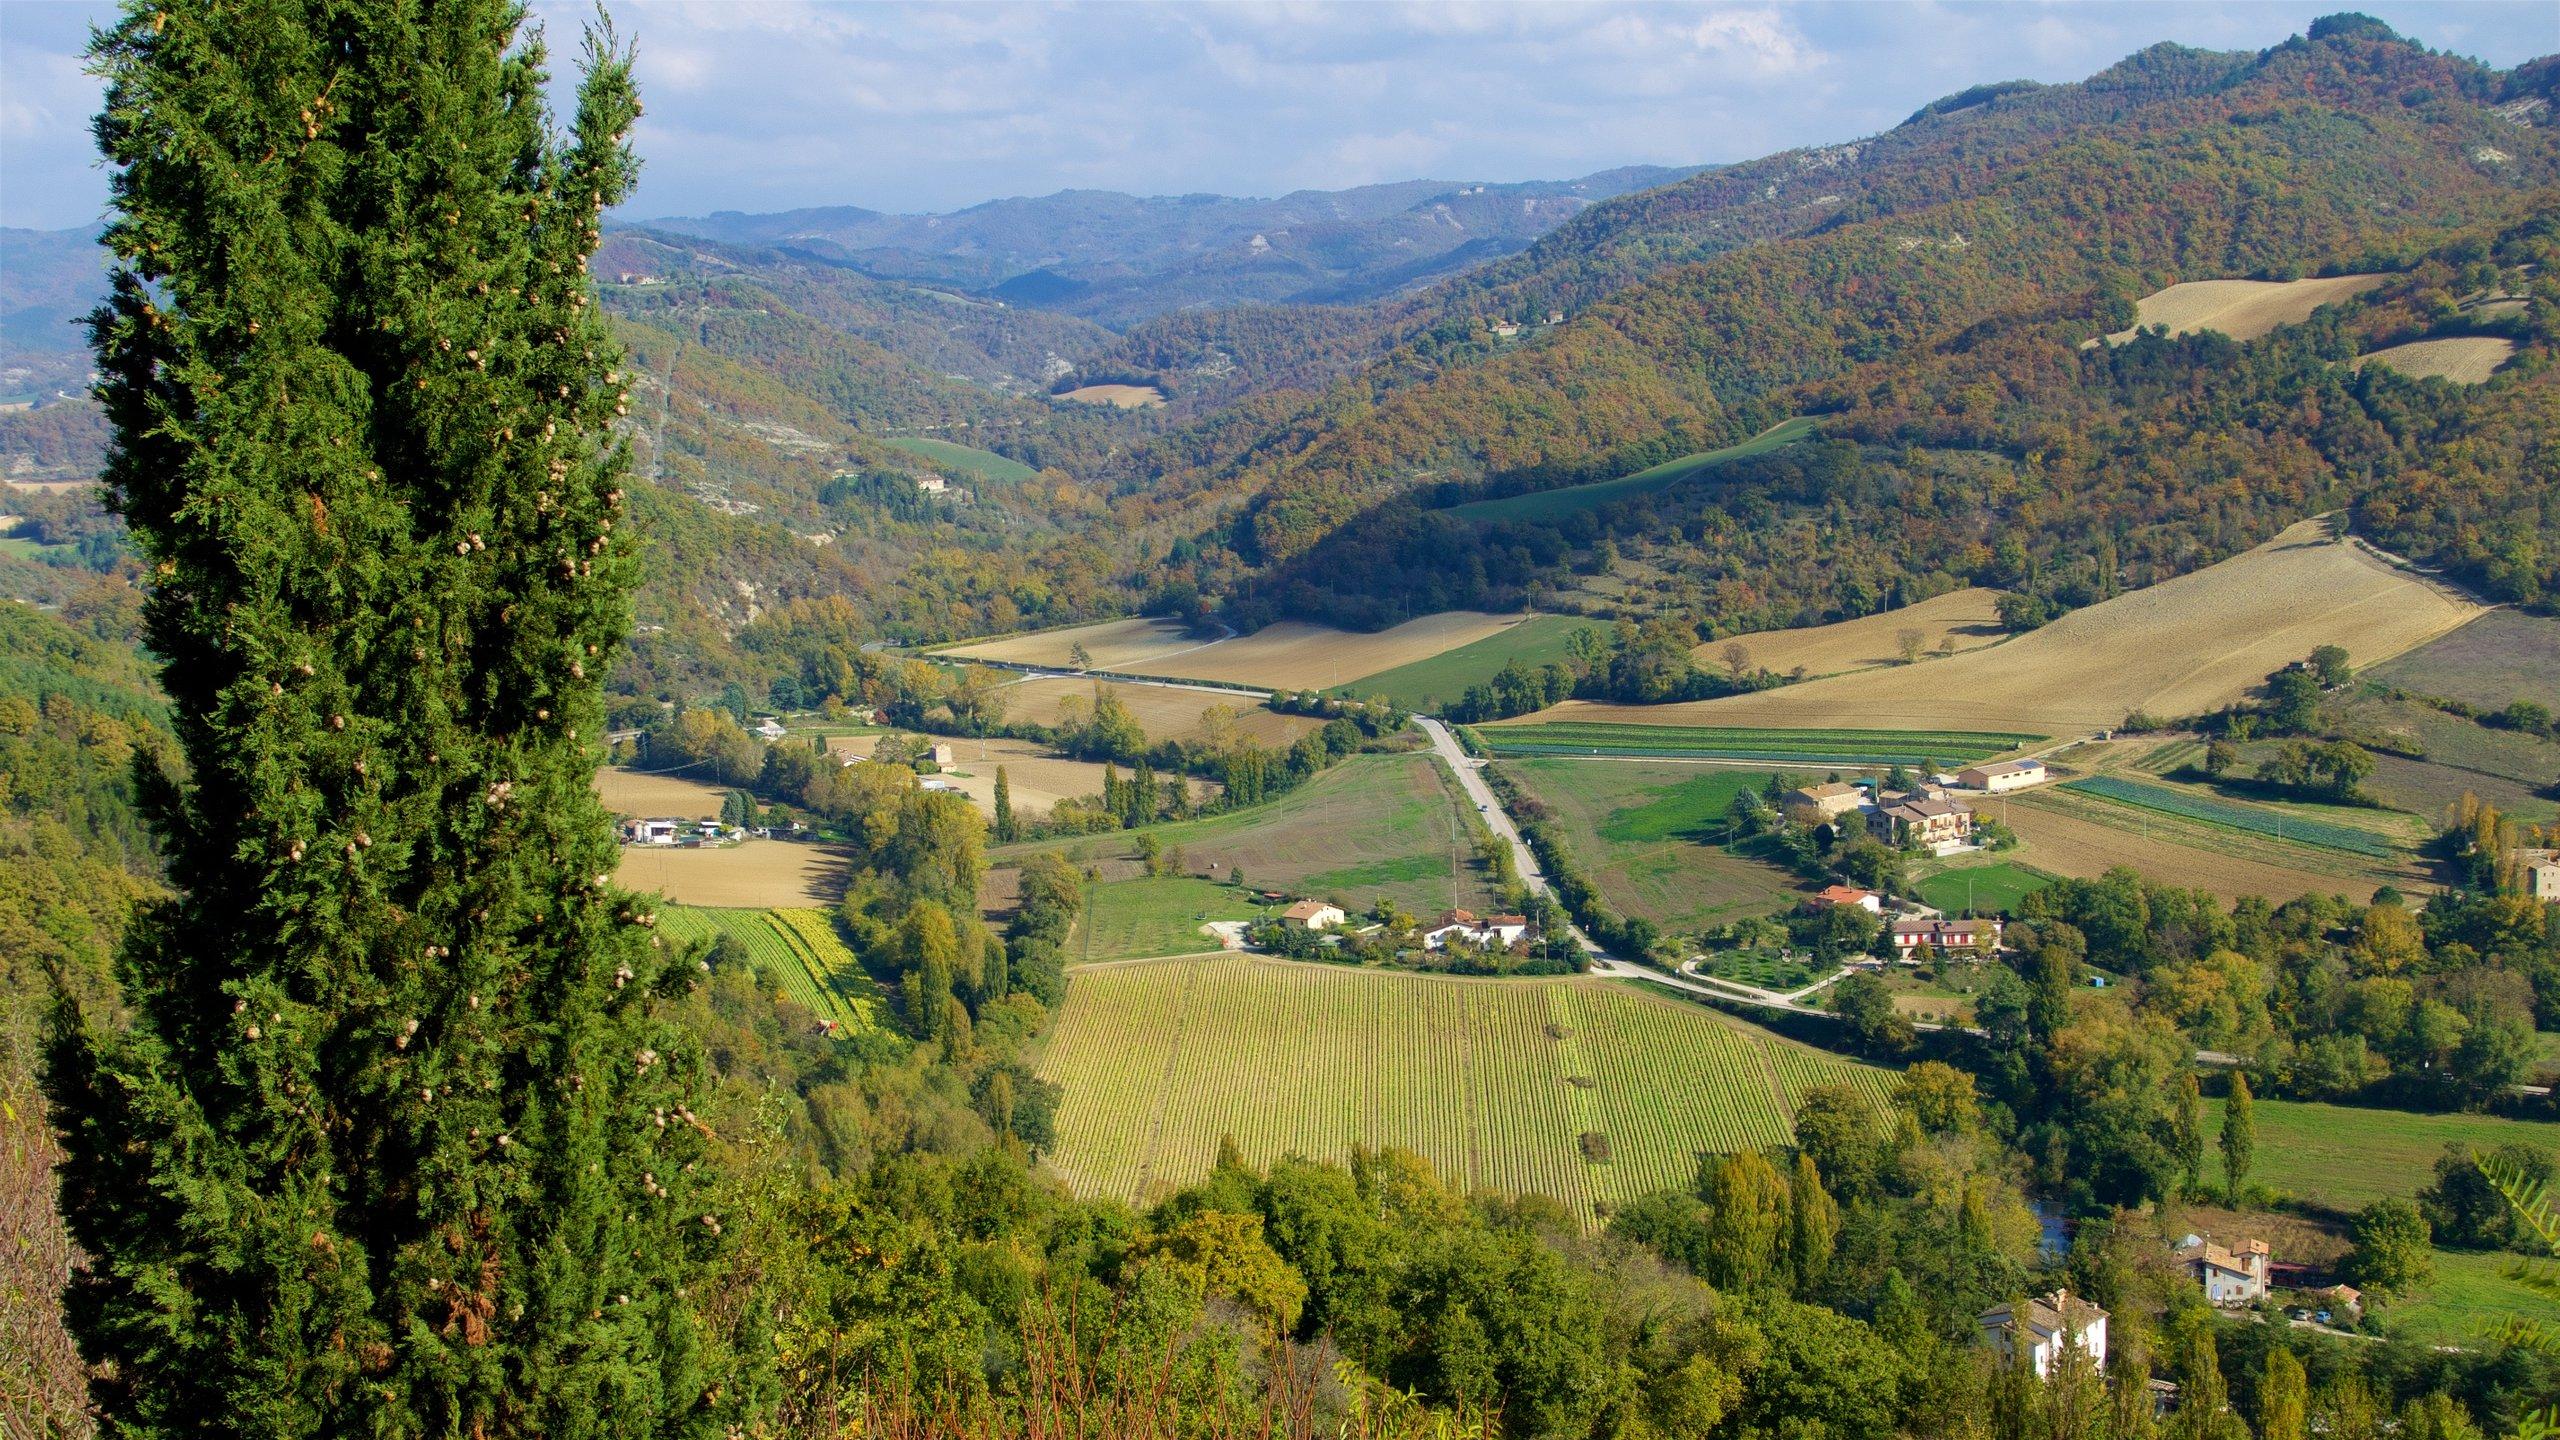 Montone, Umbria, Italy